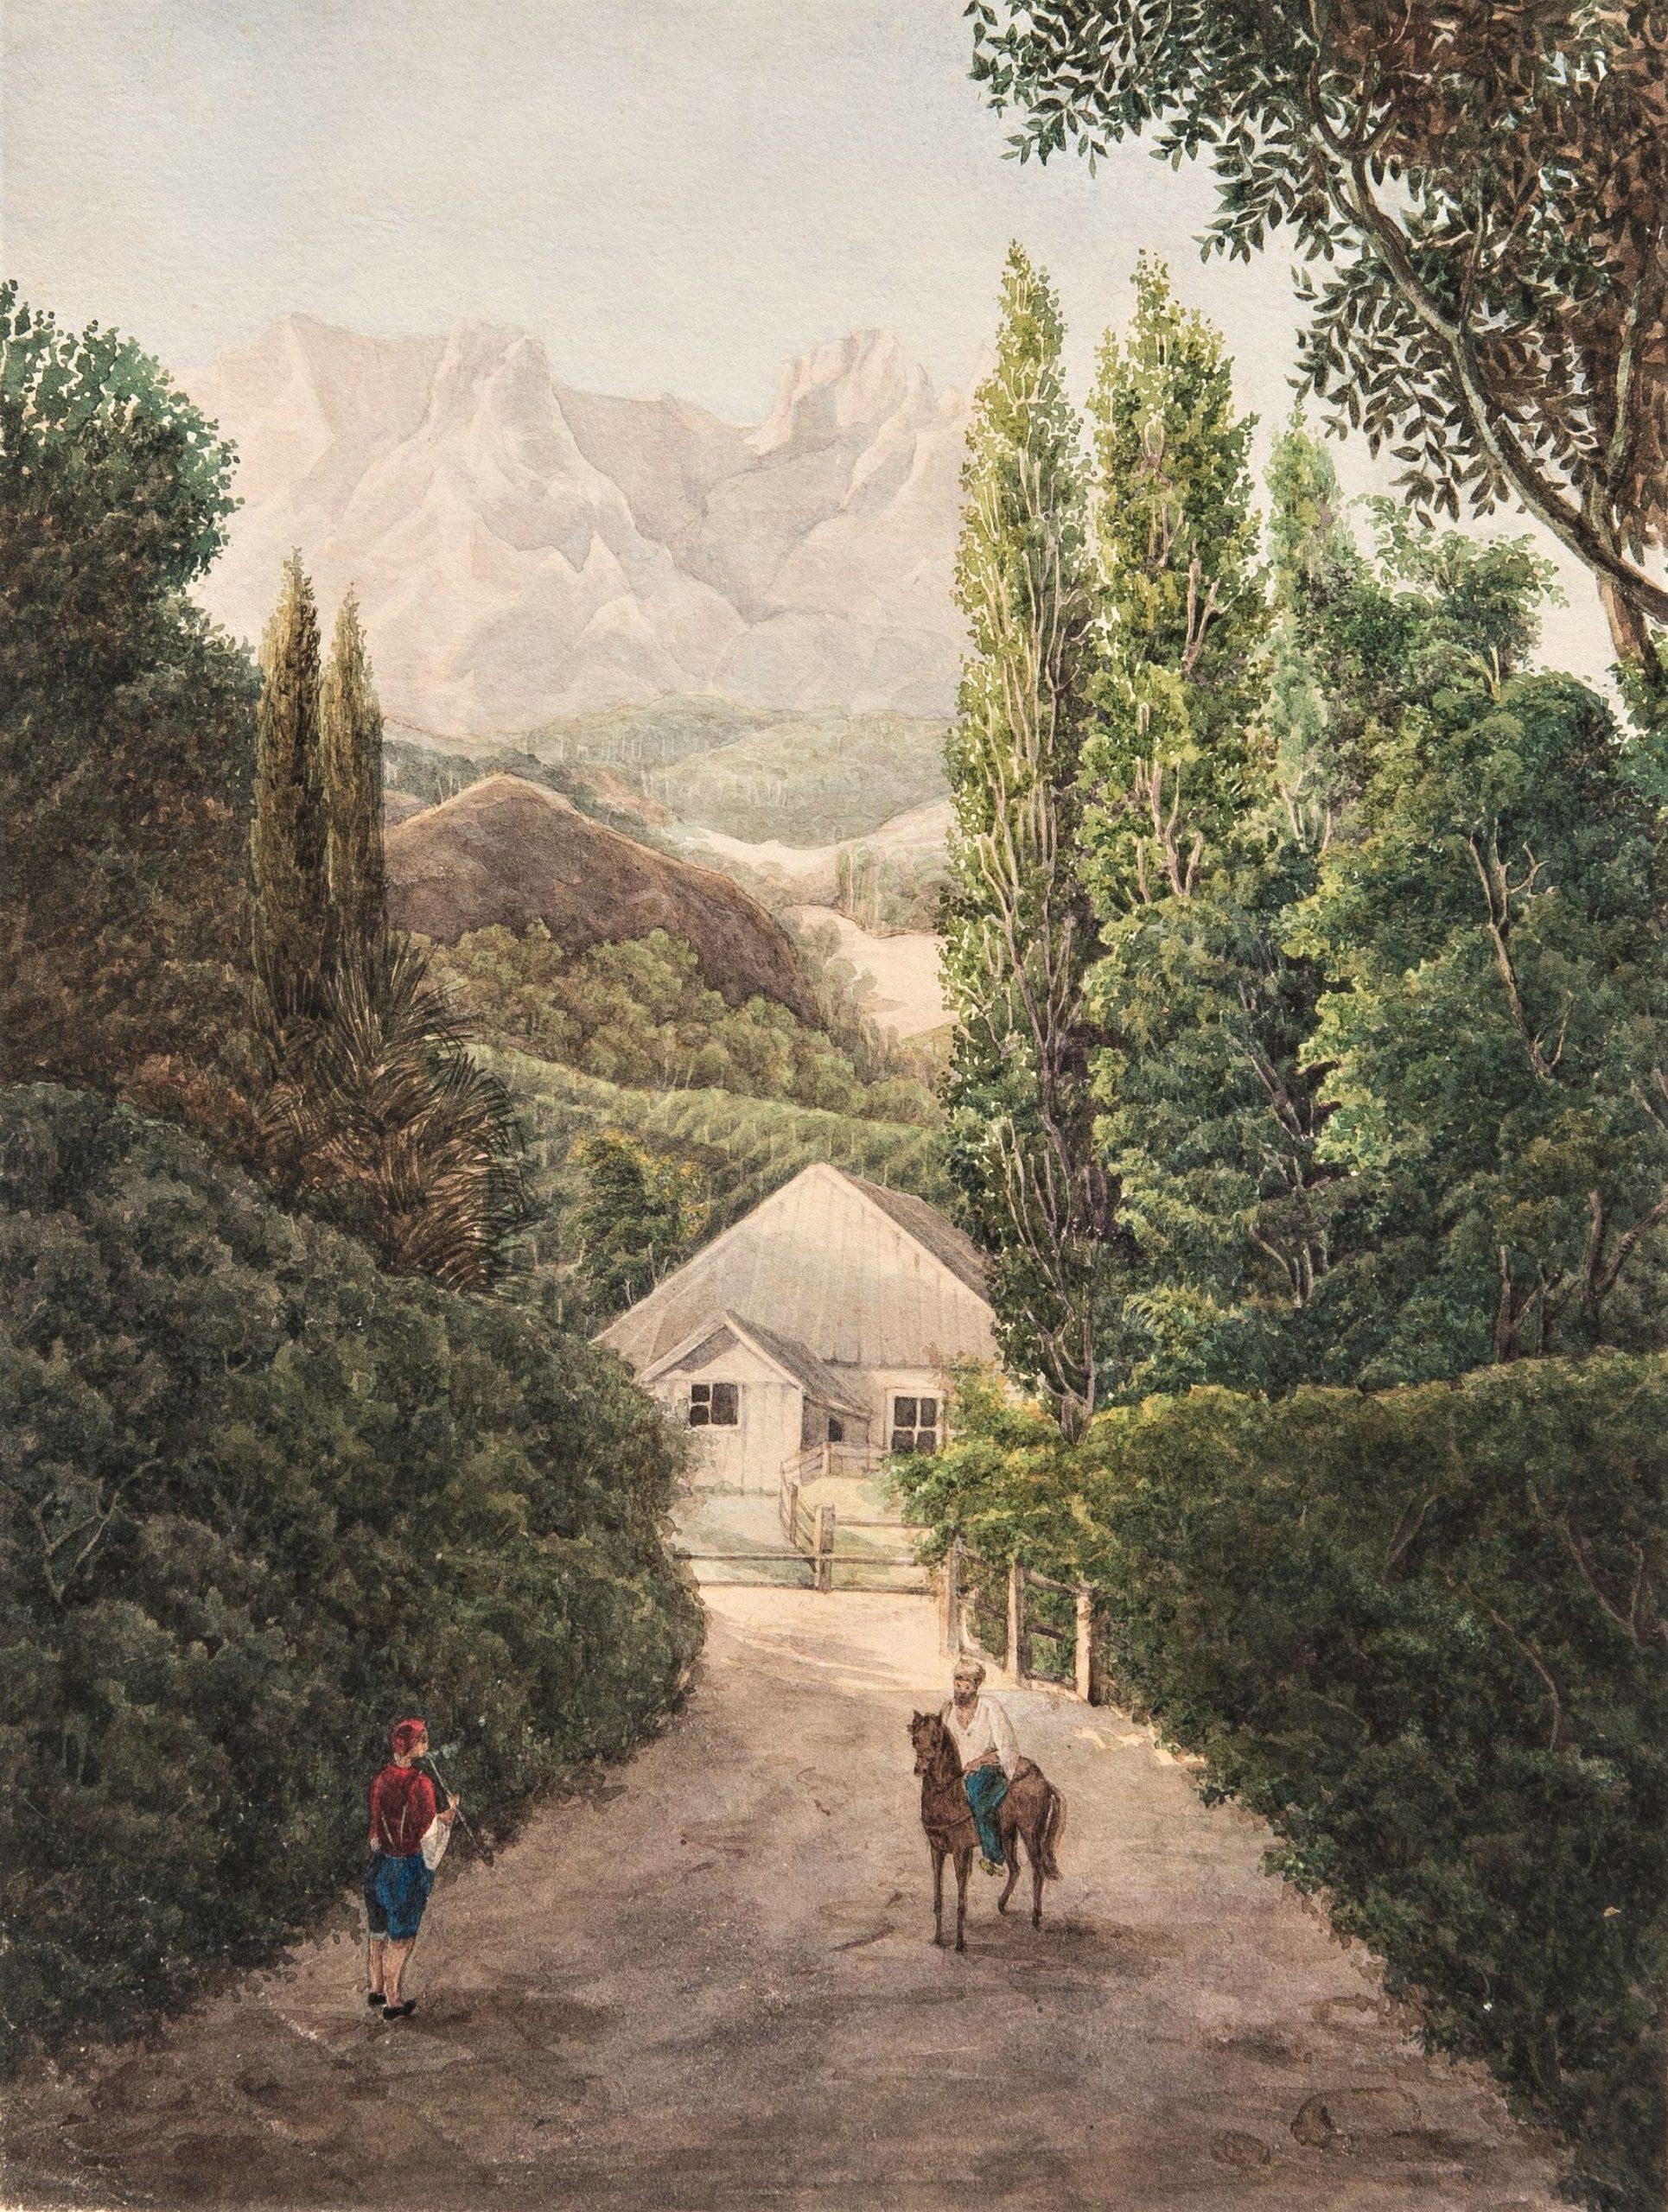 Озерова Н.С. Вид Алупки. Рисунок из альбома Российская империя. 1840-е гг.